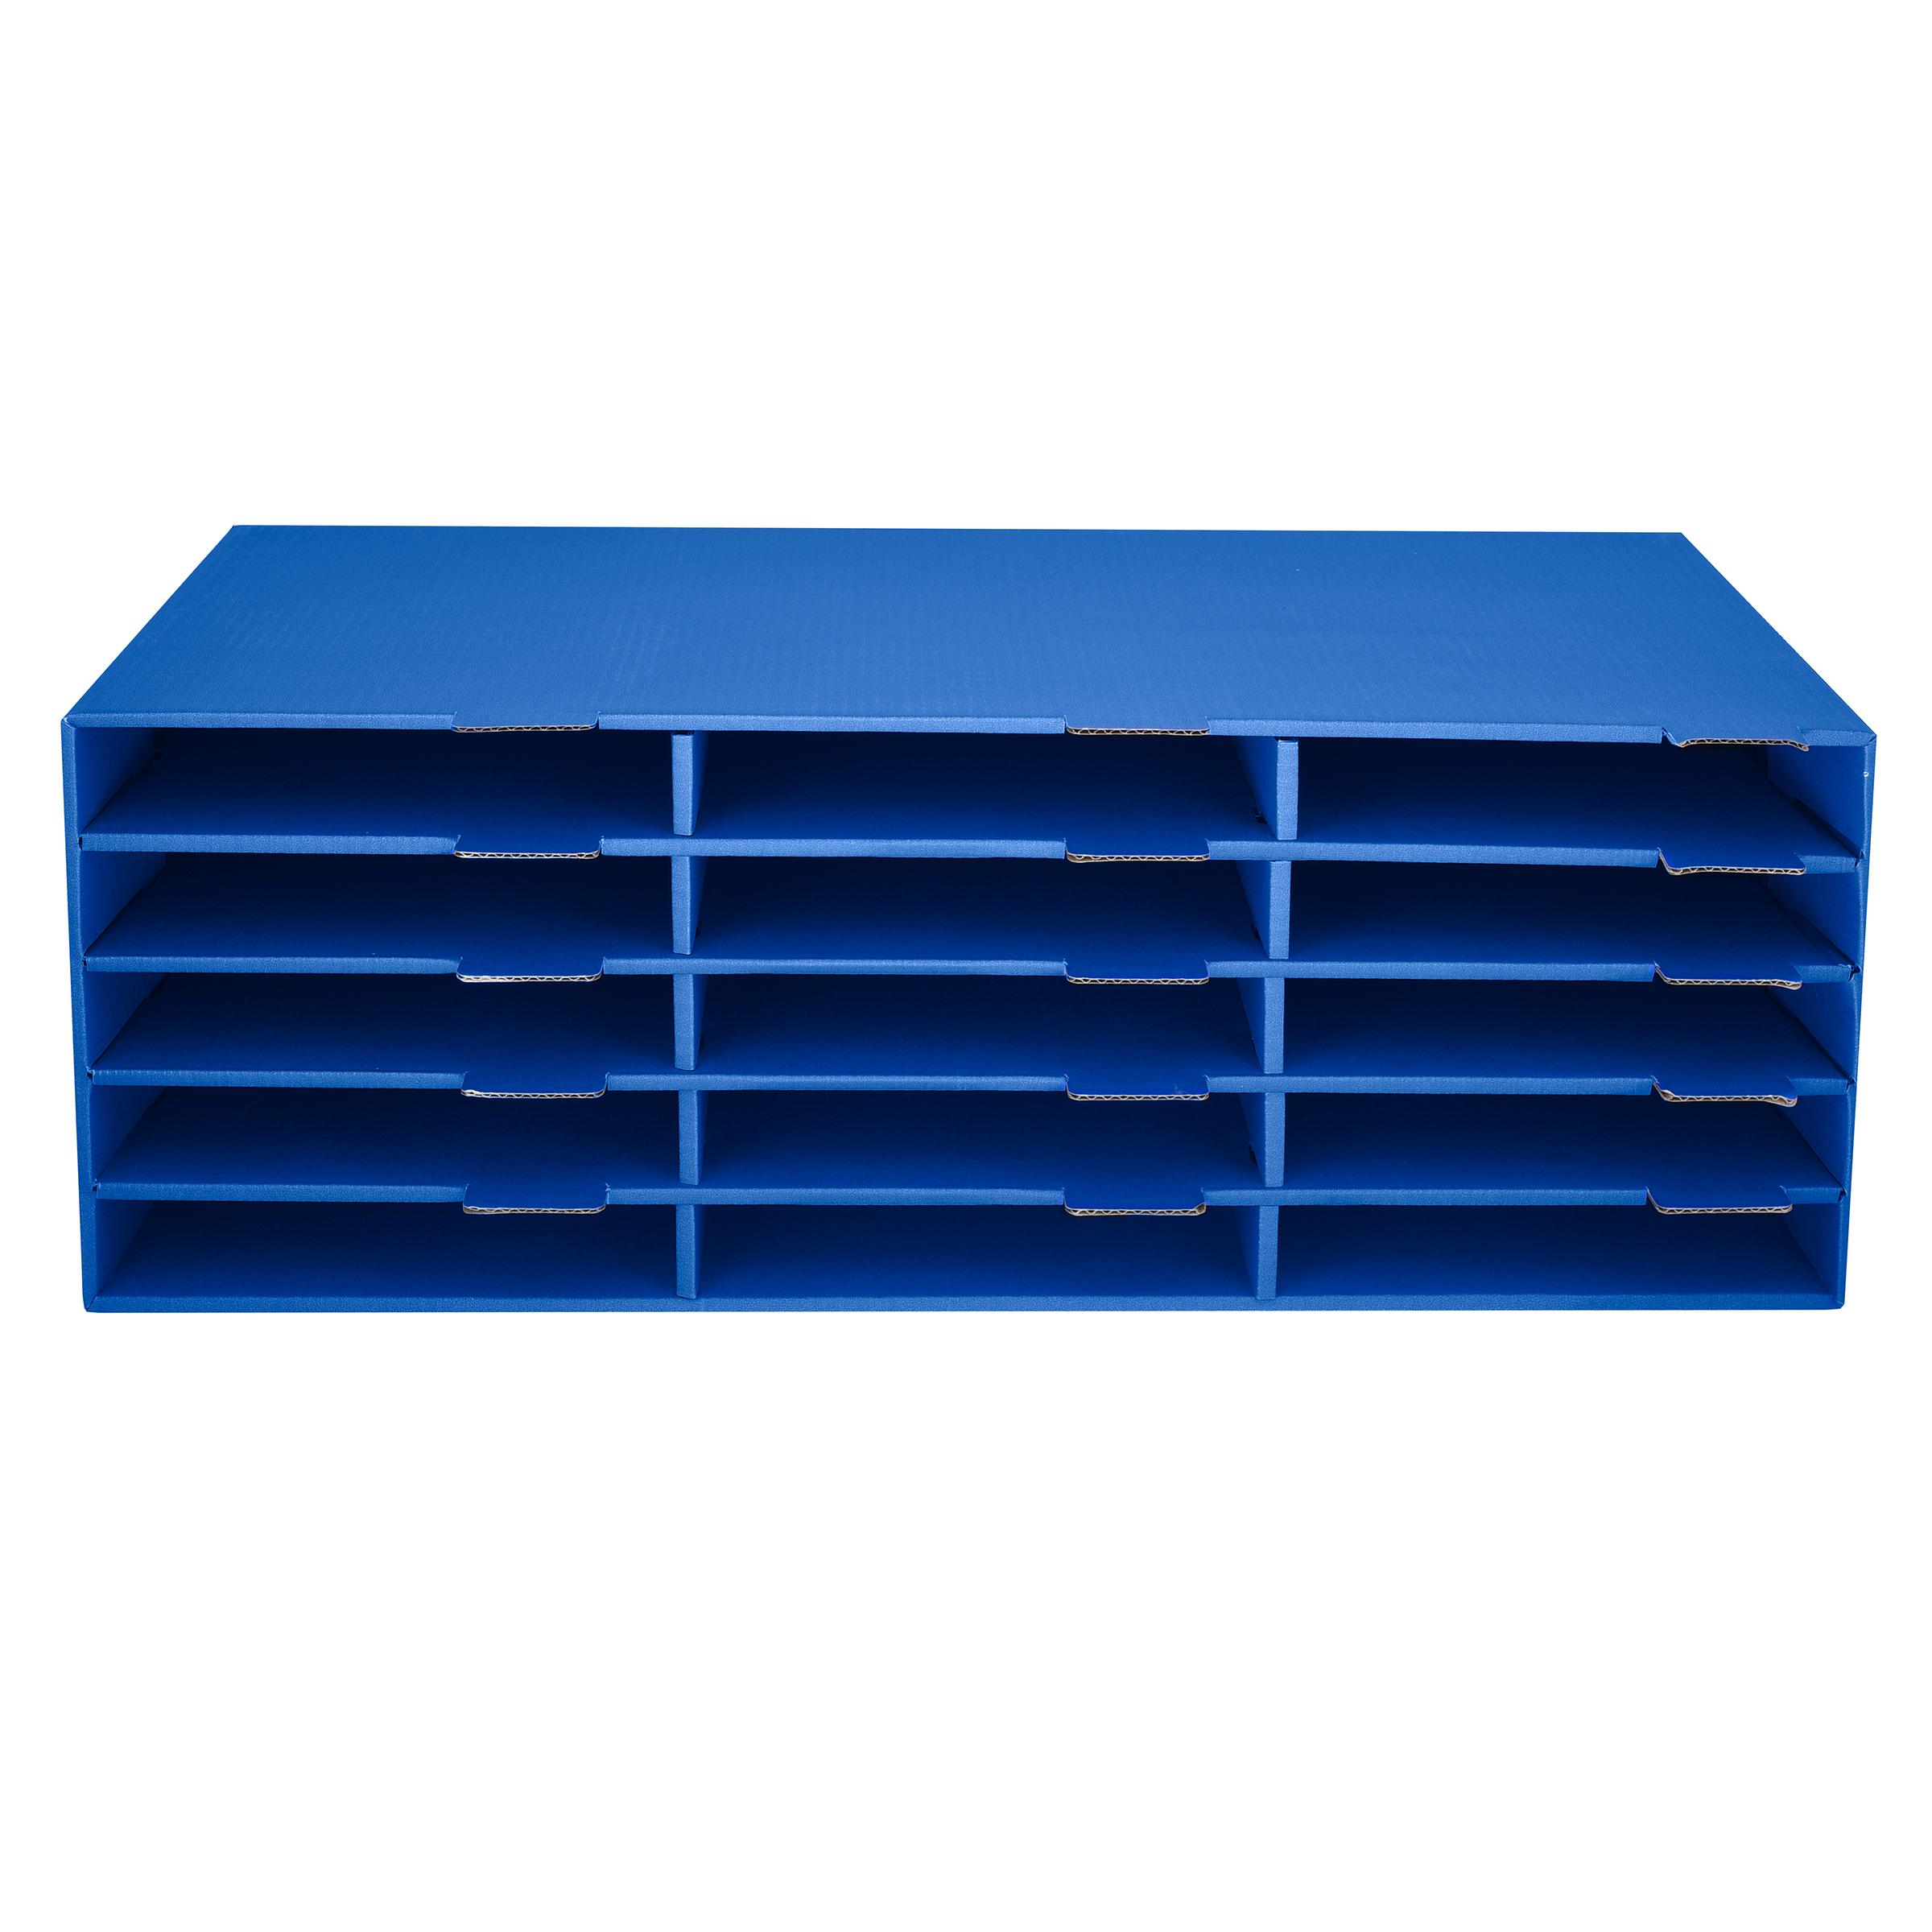 Construction Paper Storage 15 Slot